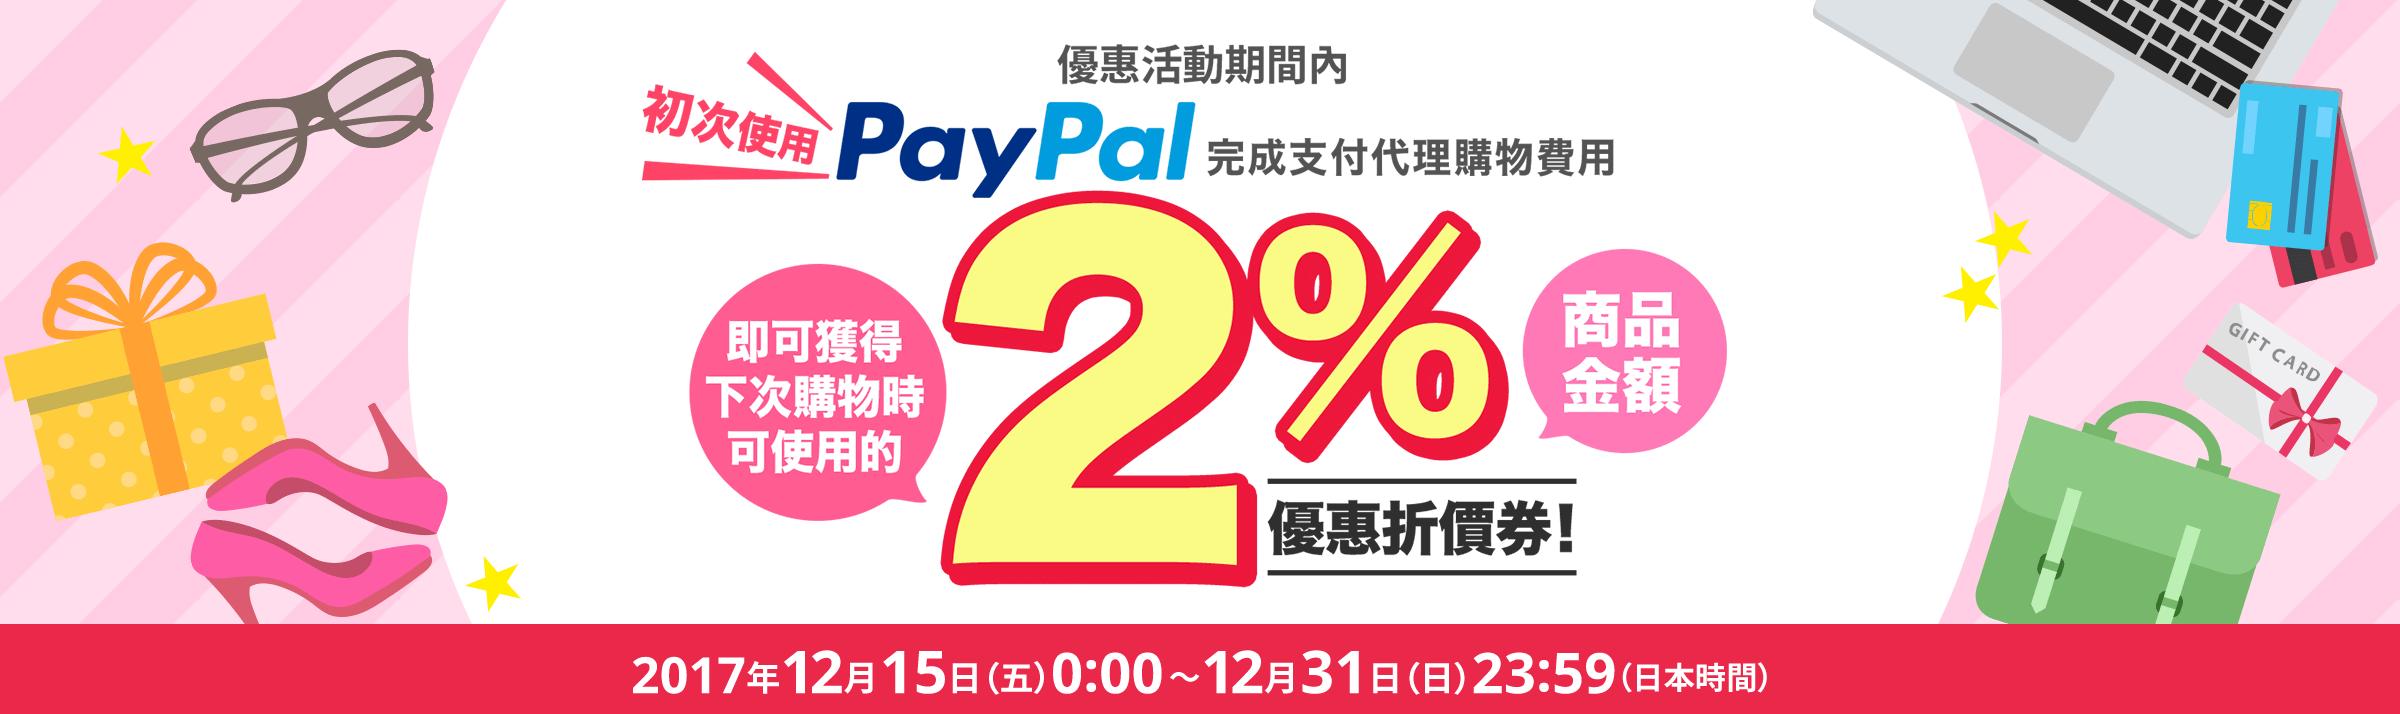 初次限定 使用PayPal支付代理購物費用後,即可獲得下次購物時可使用的商品金額2%優惠折價券!